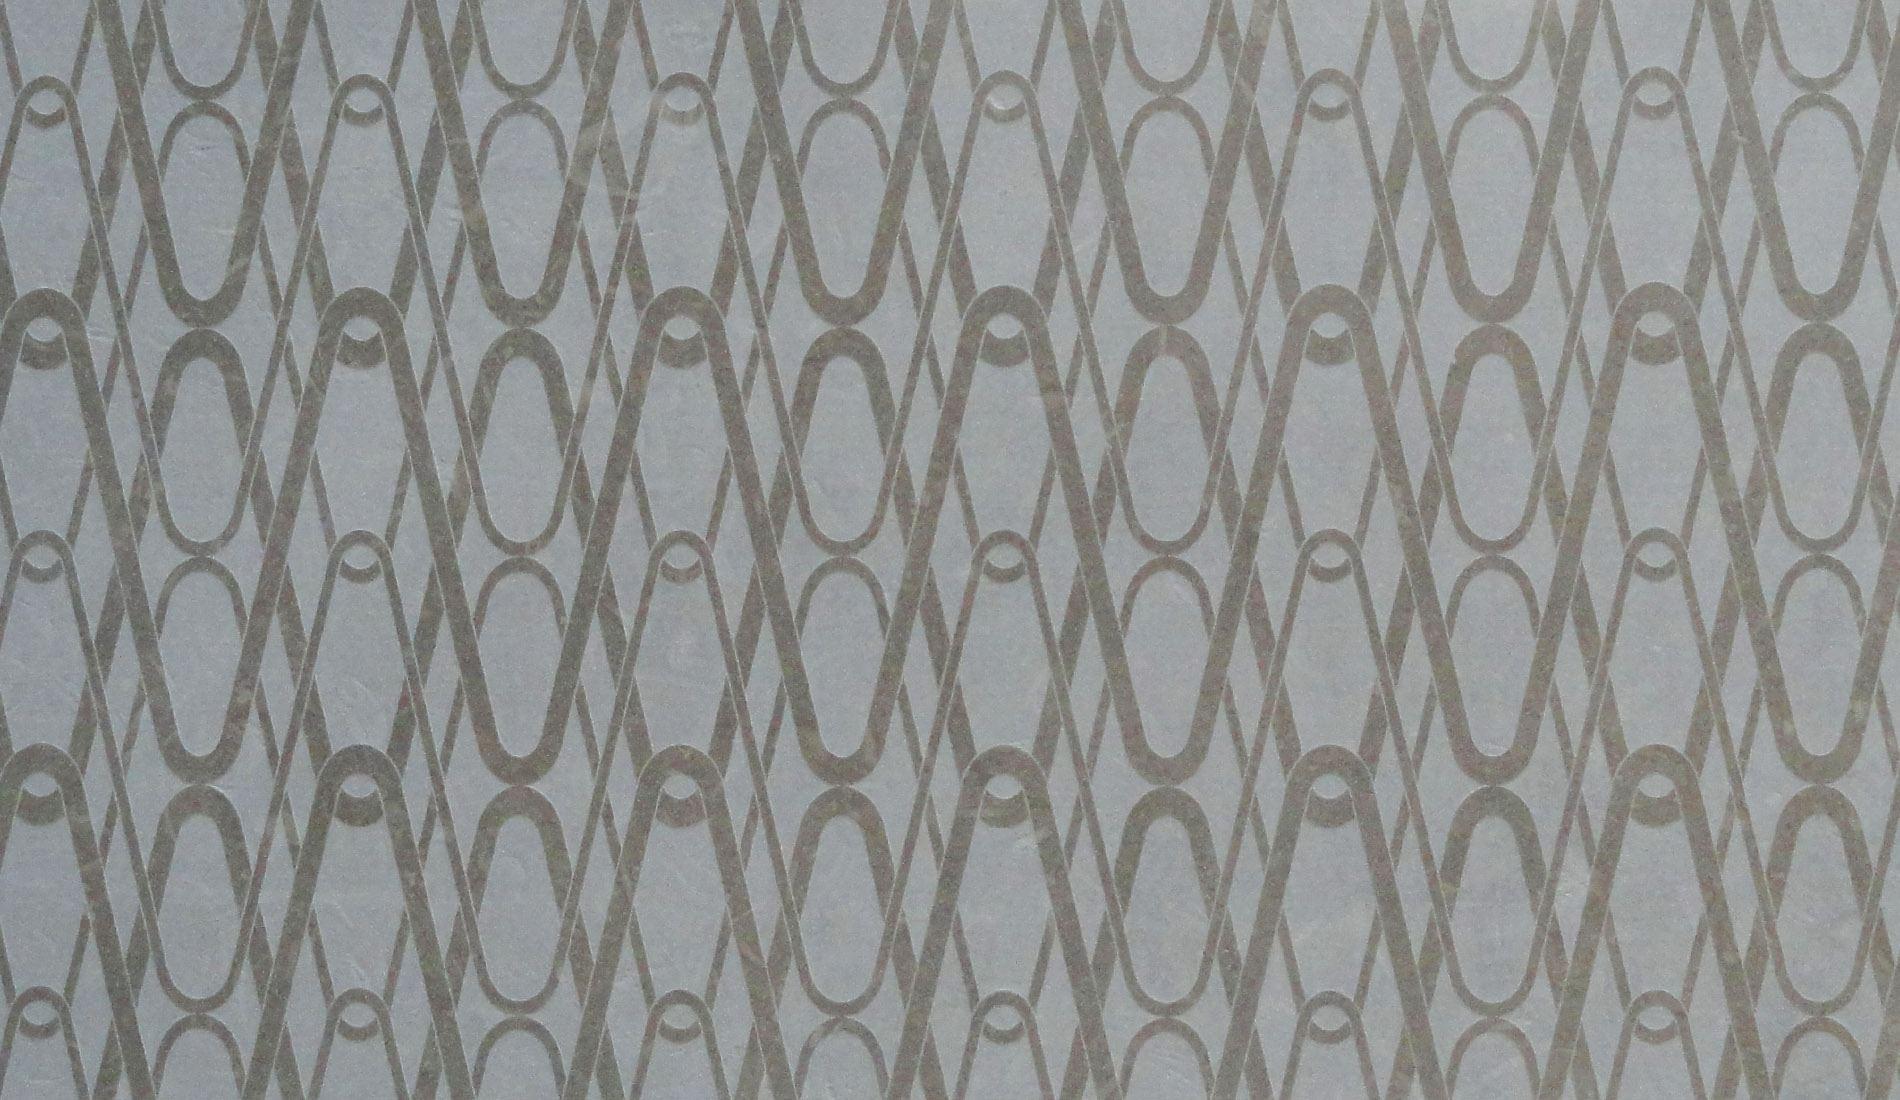 marmi strada texture di marmo 12